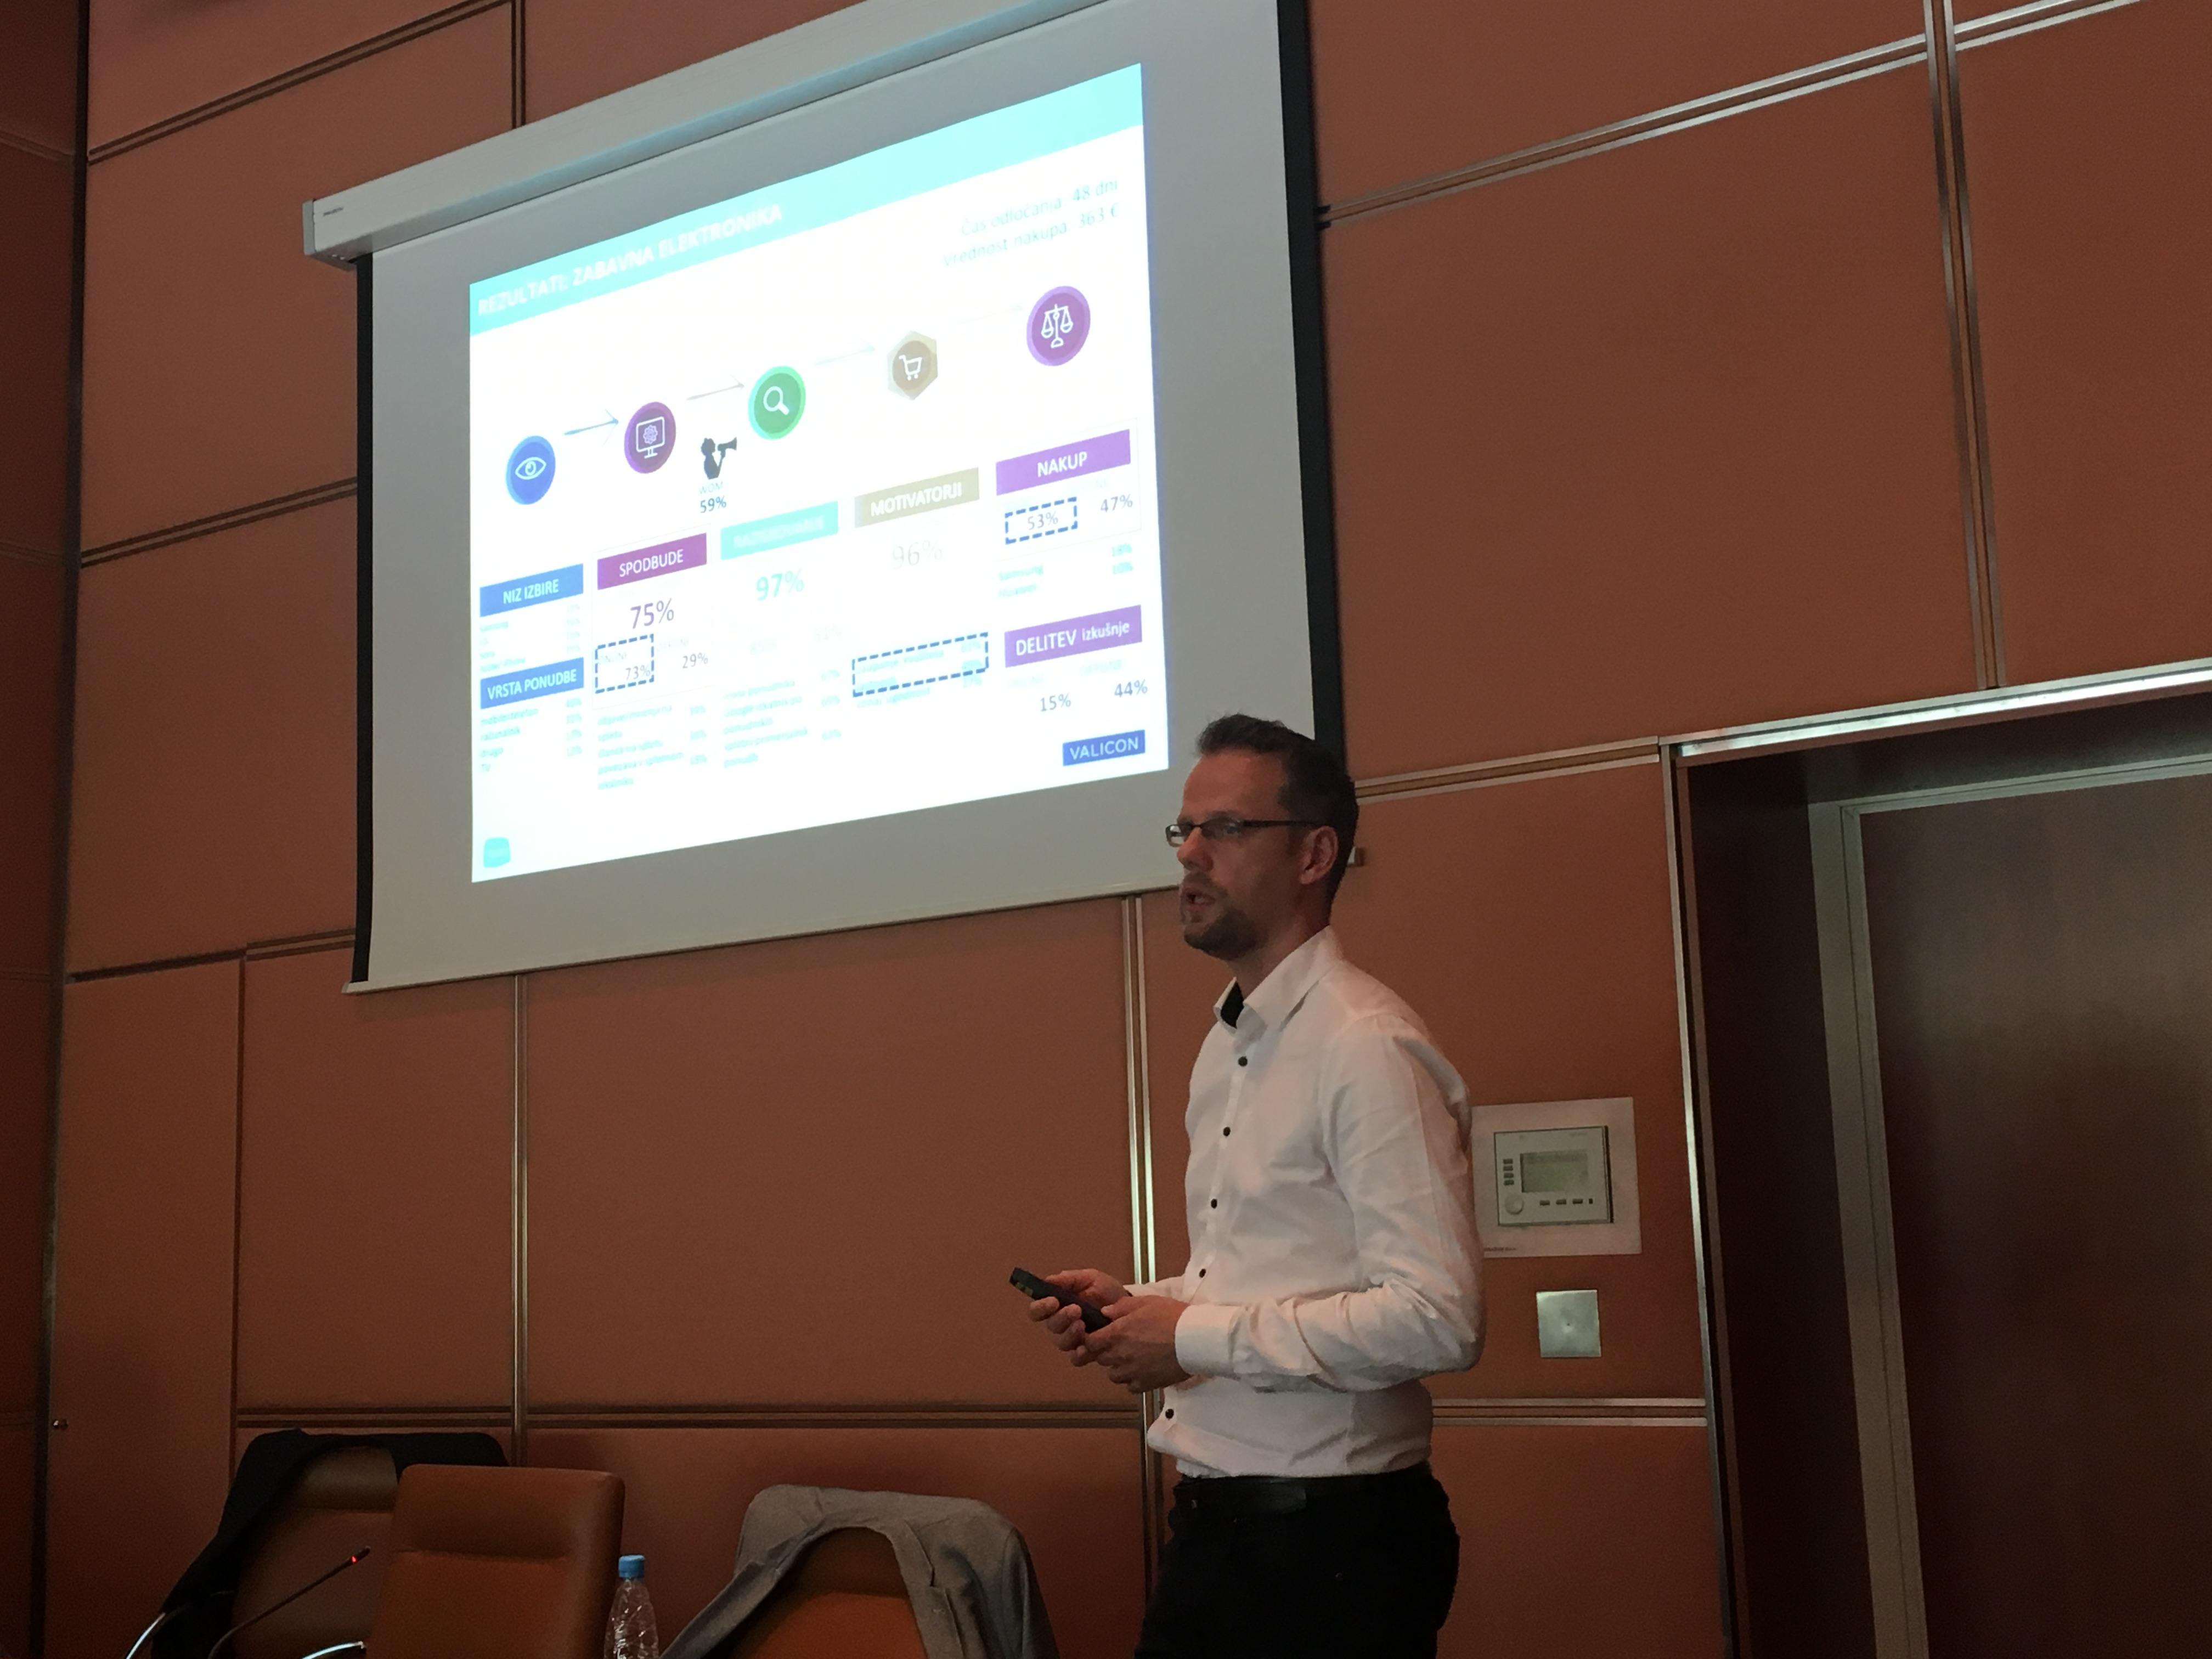 Nalozbe-v-digitalno-oglasevanje-v-Sloveniji-zrasle-za-18-odstotkov-iPROM-Novice-Milos-Susa